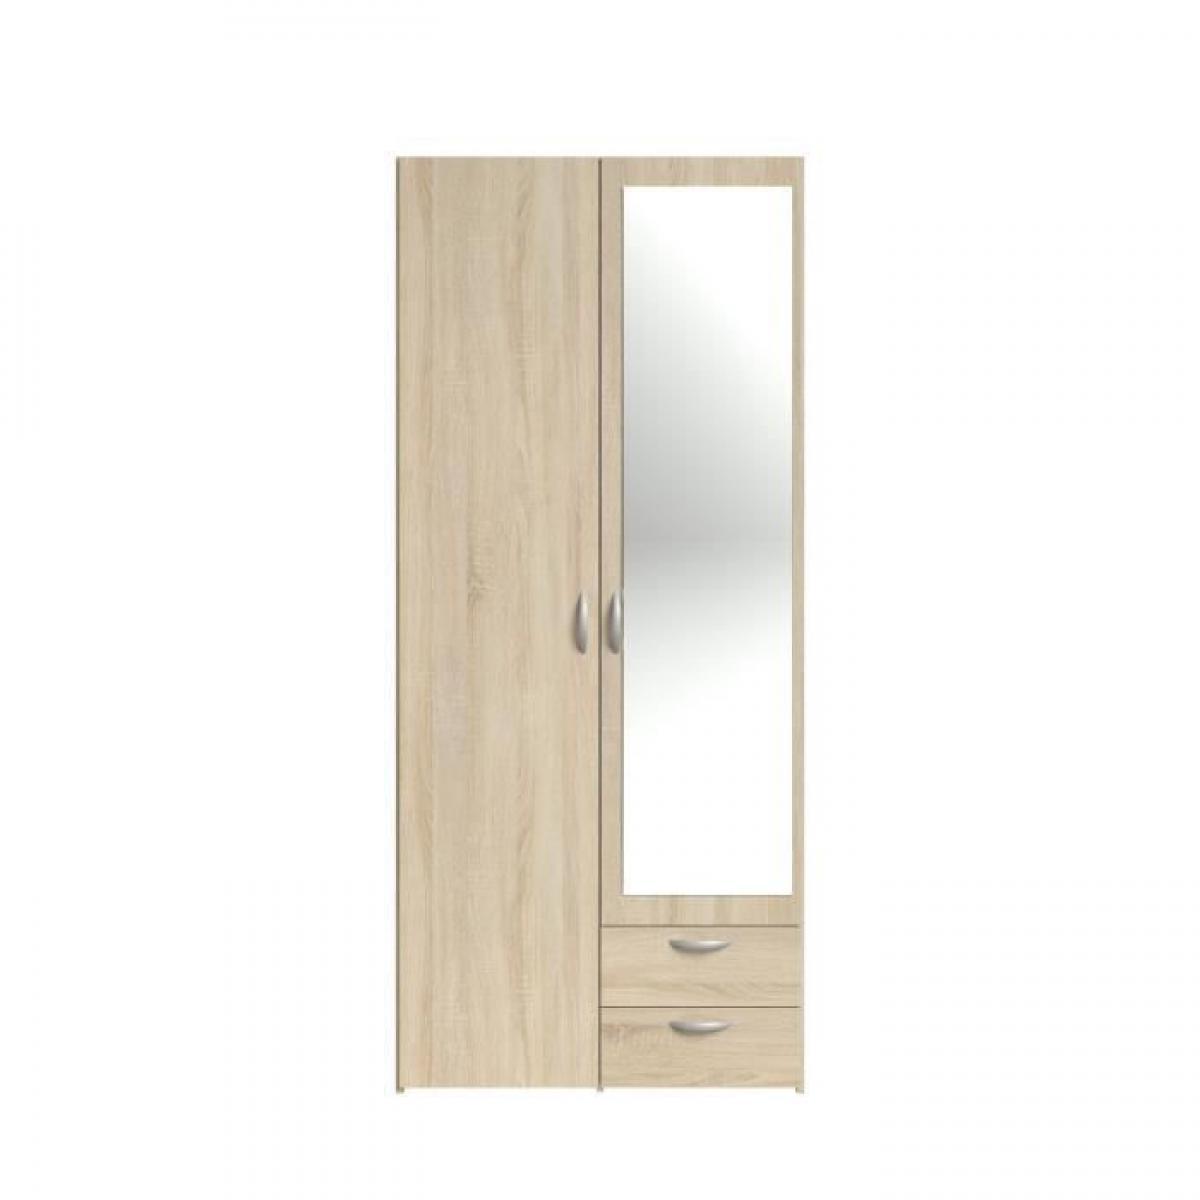 Cstore VARIA Armoire 2 portes miroir décor chene